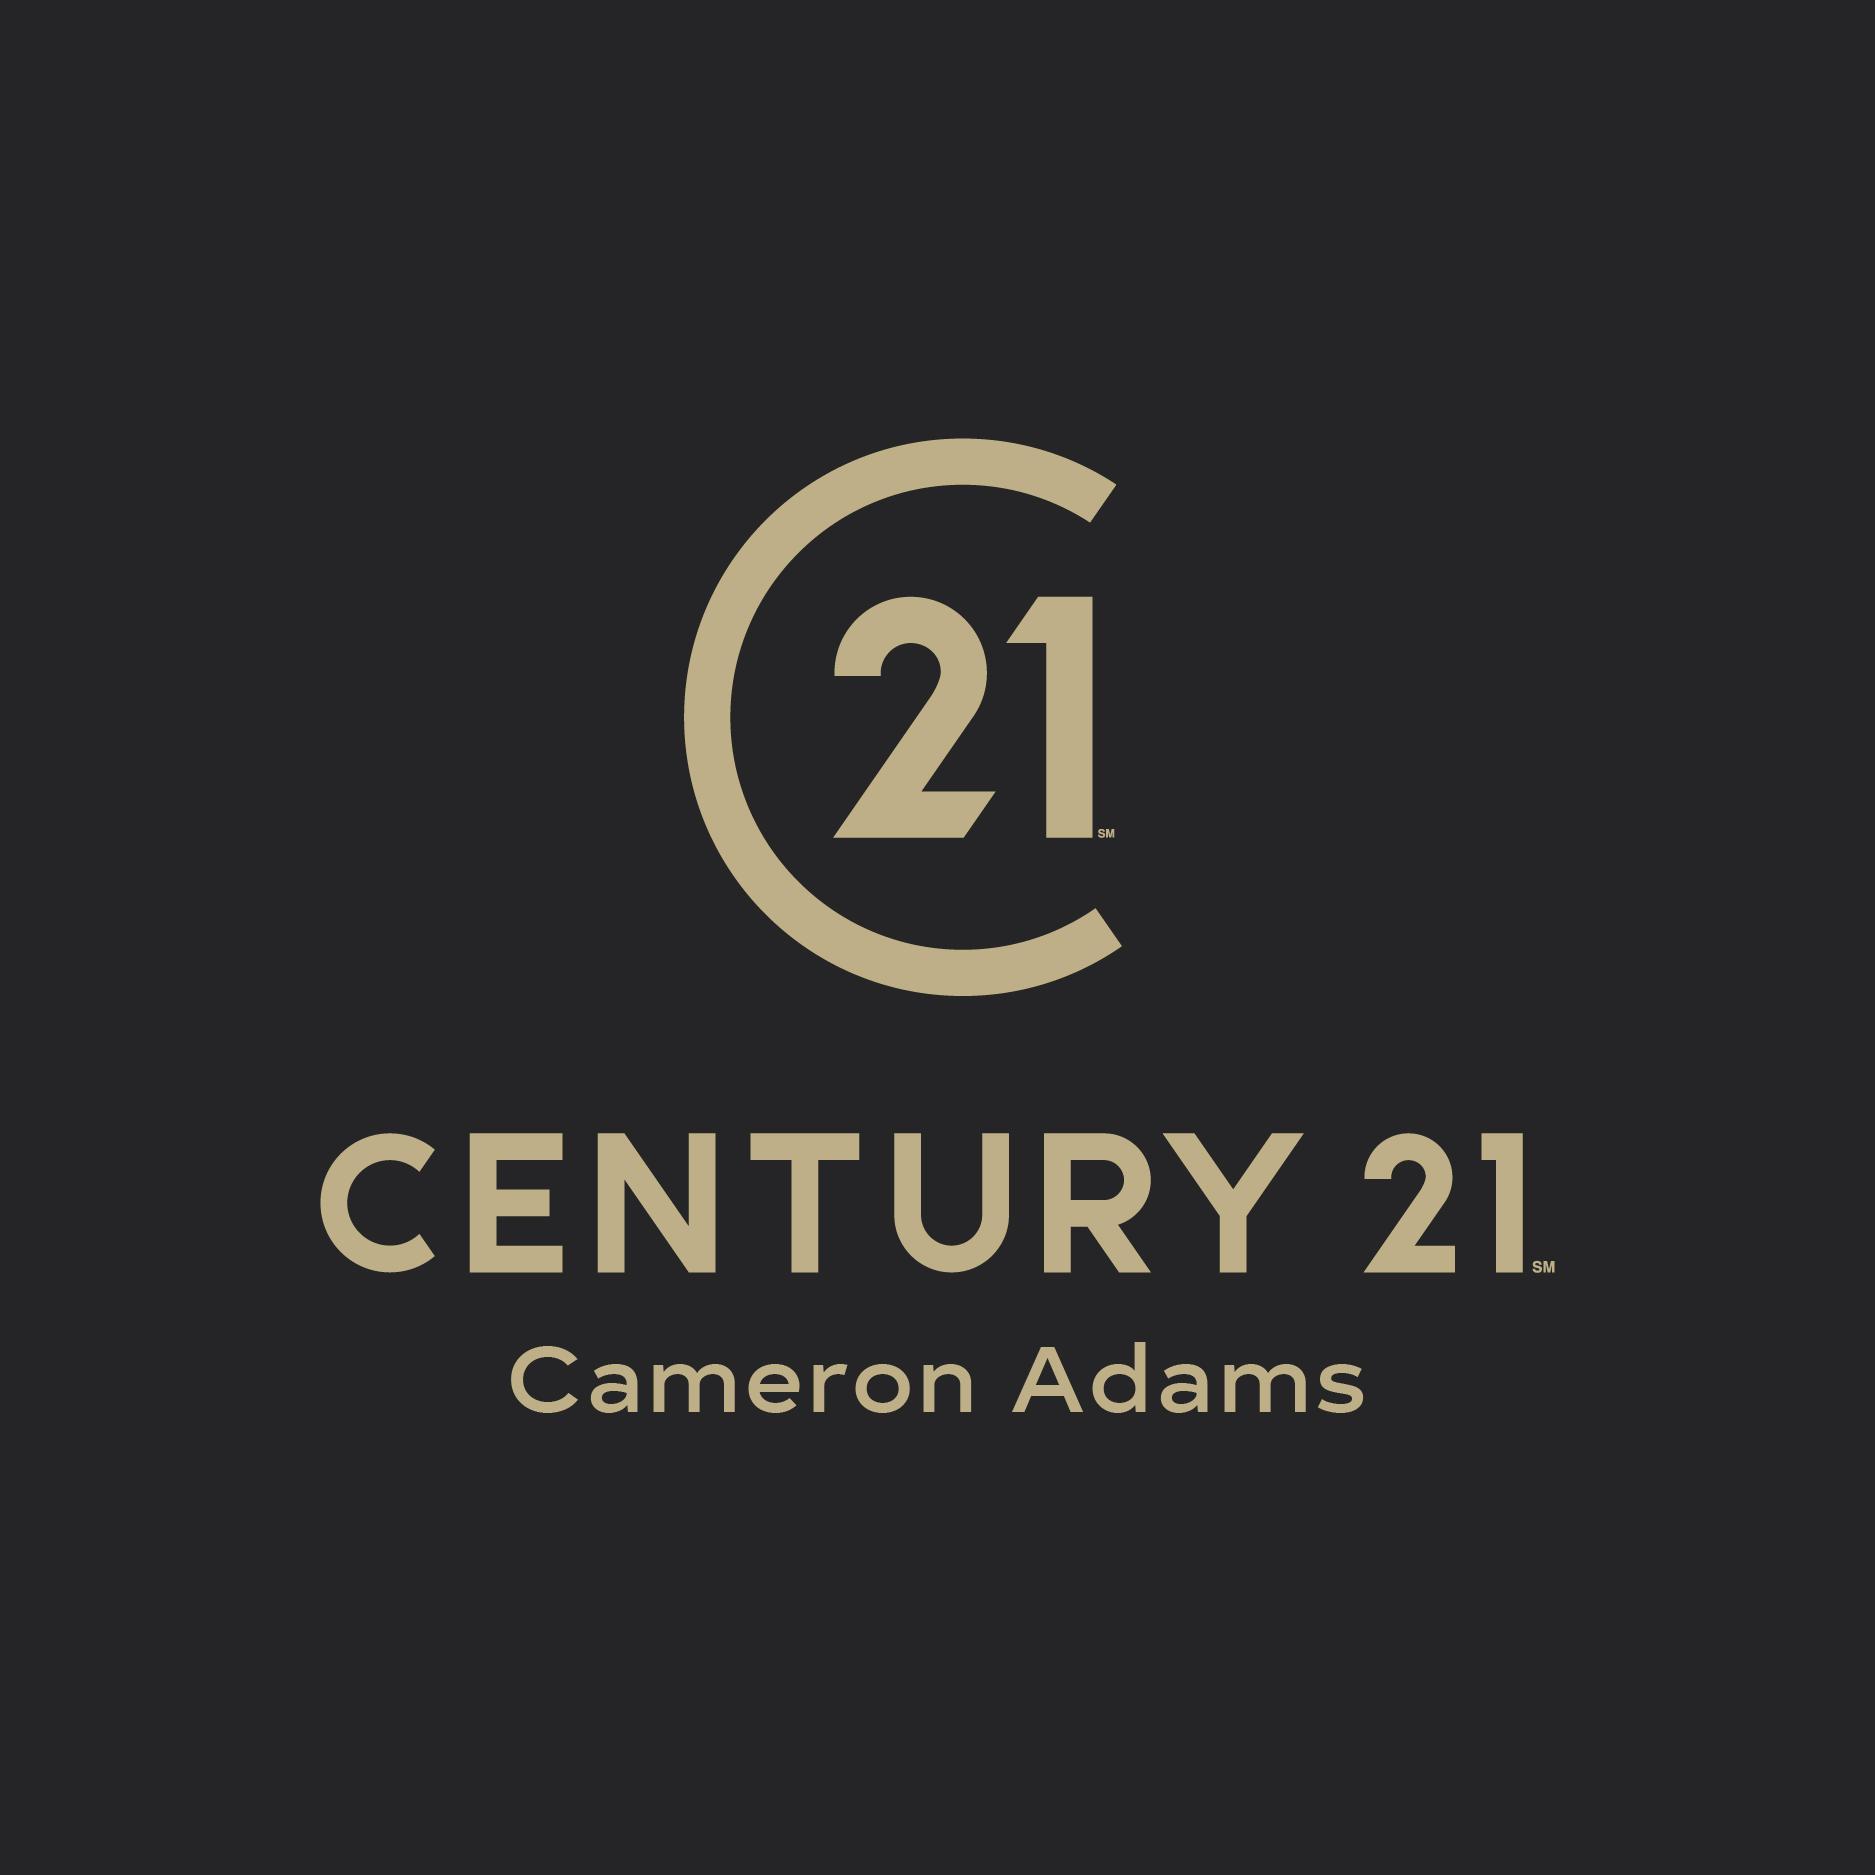 Century 21 - Cameron Adams